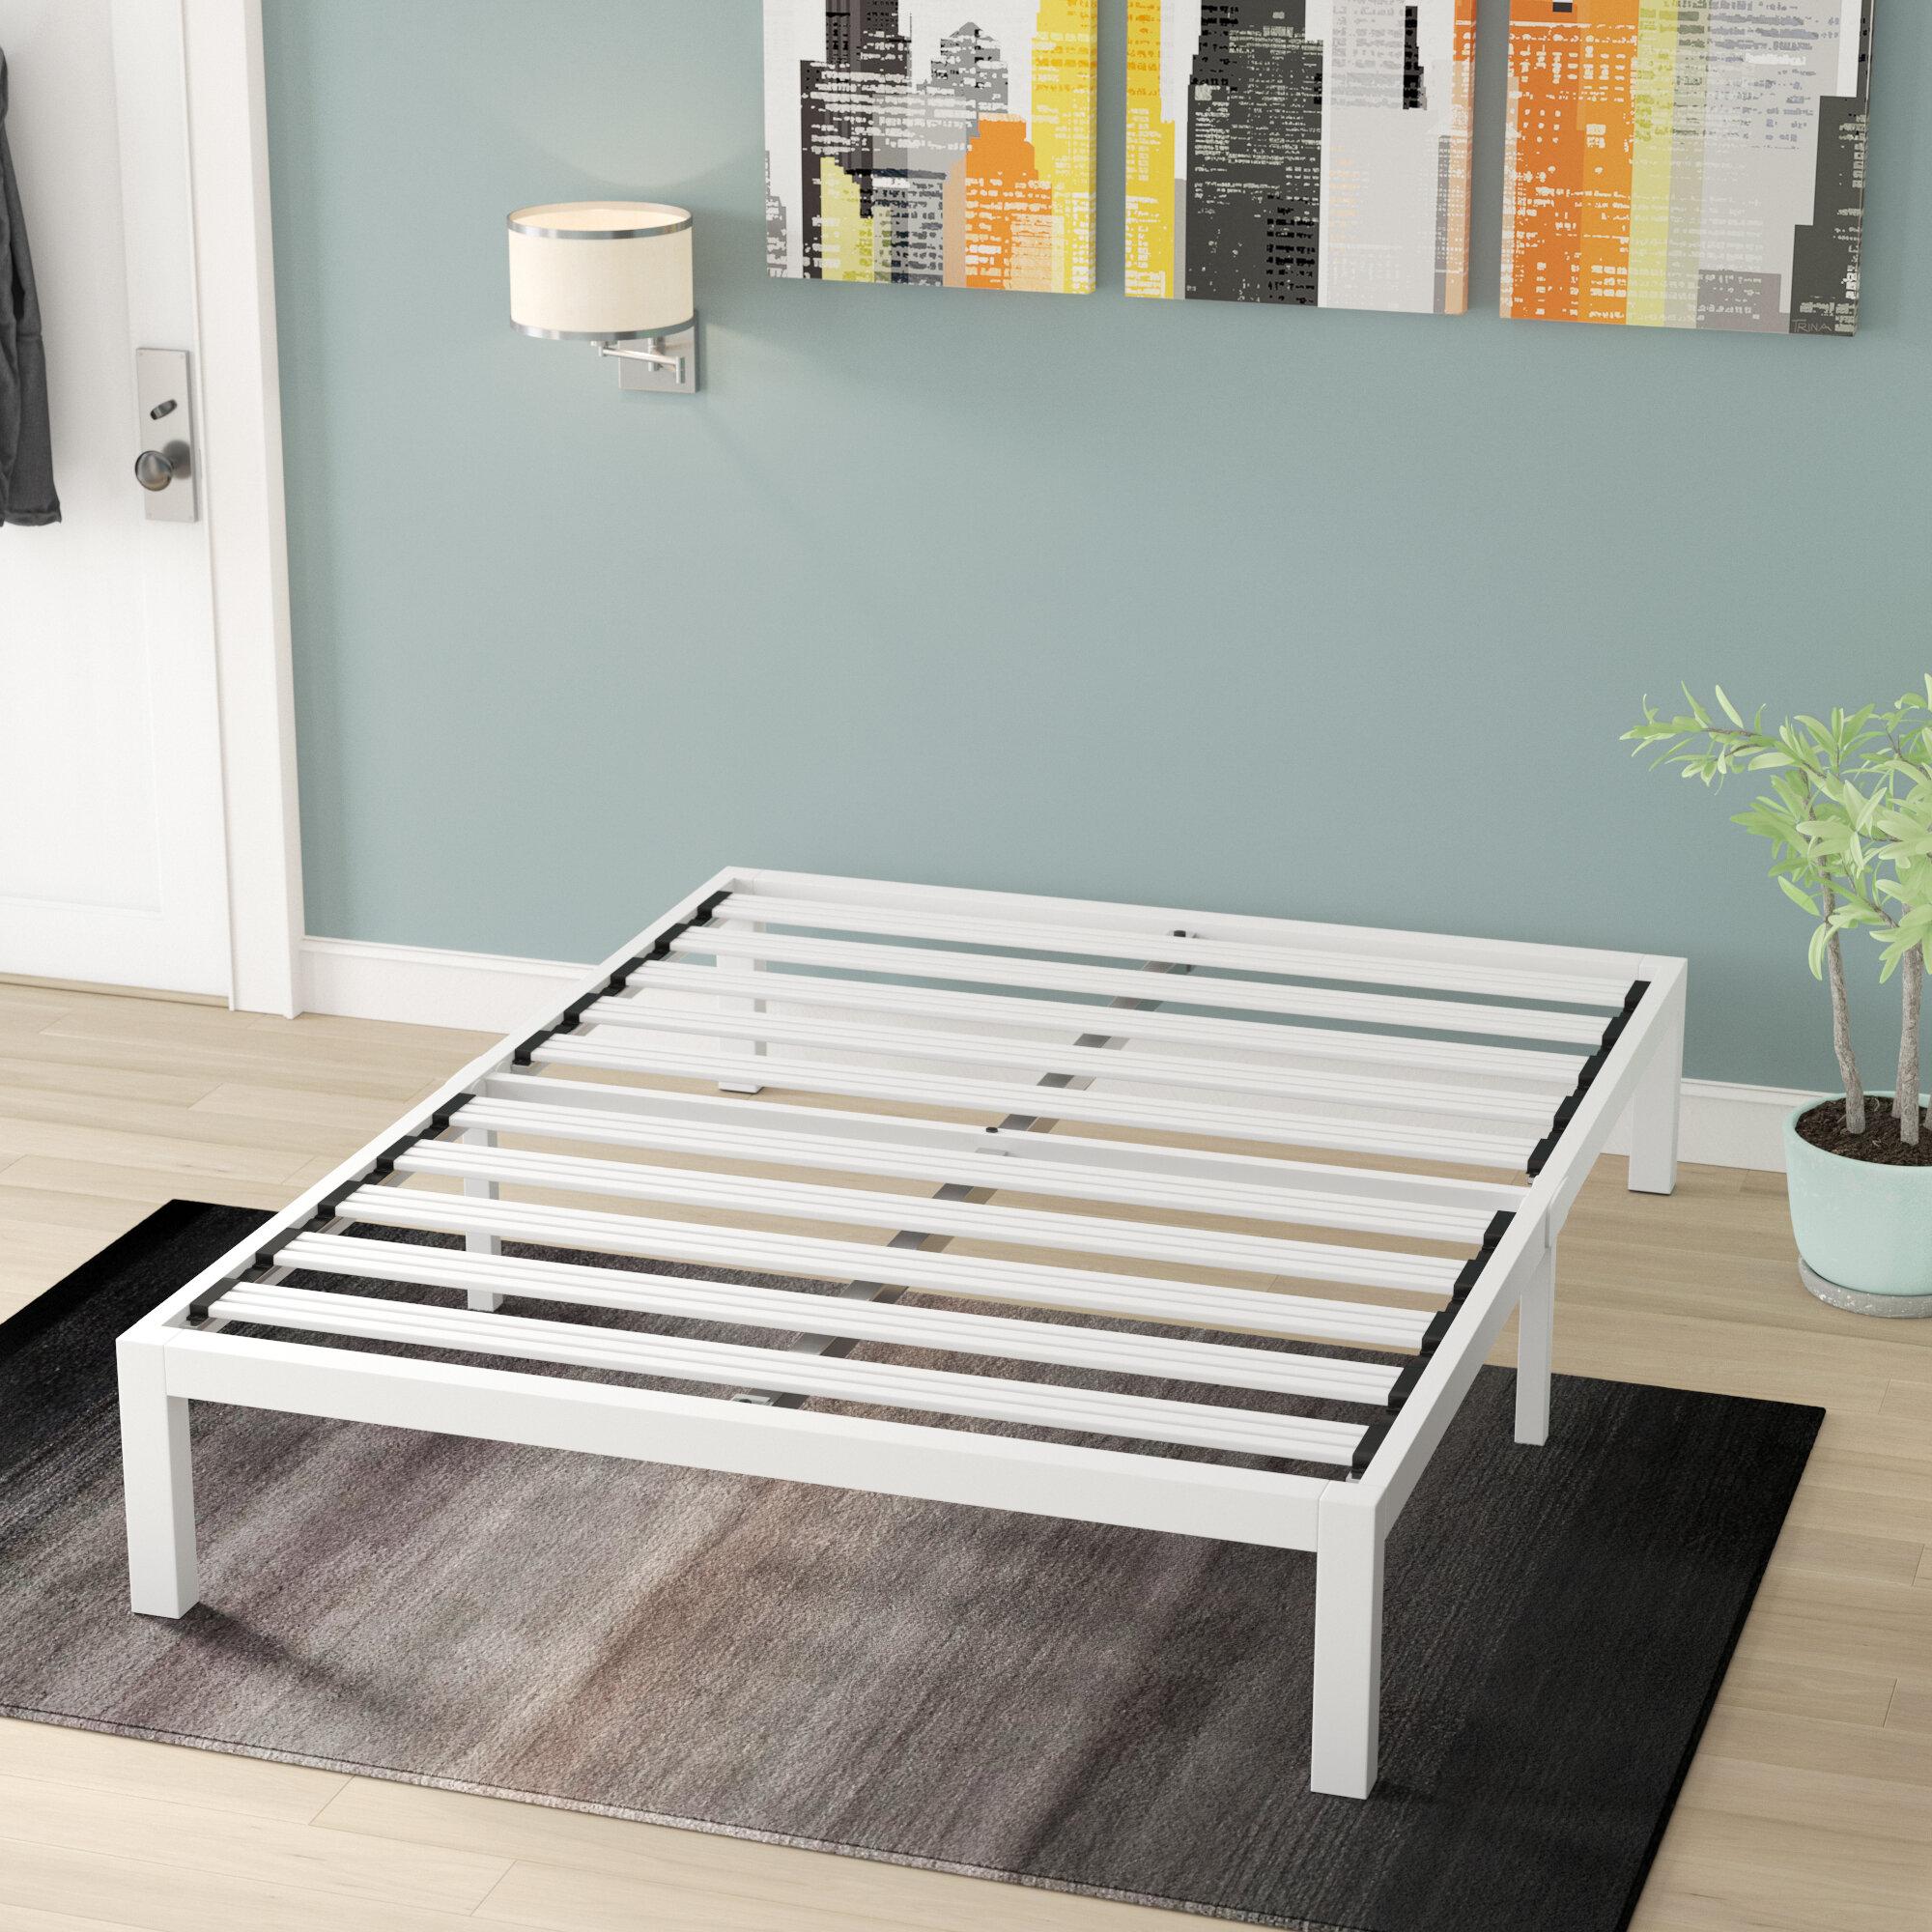 finest selection 6af21 09d07 Hukill White Metal Platform Bed Frame